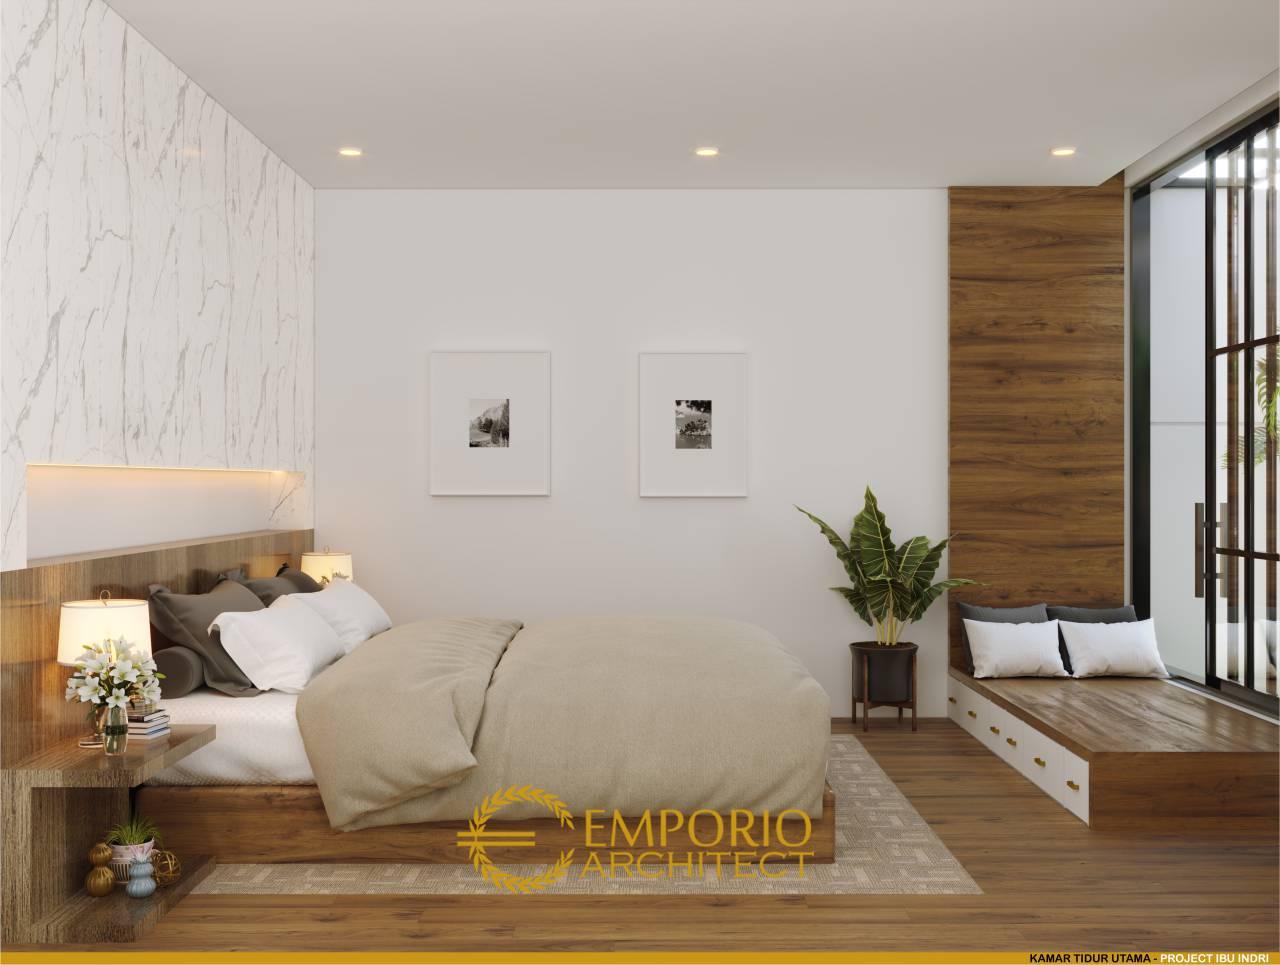 Manfaatkan Pojok Ruangan Berikut 3 Inspirasi Desain Interior Rumah Inovatif Dan Fungsional